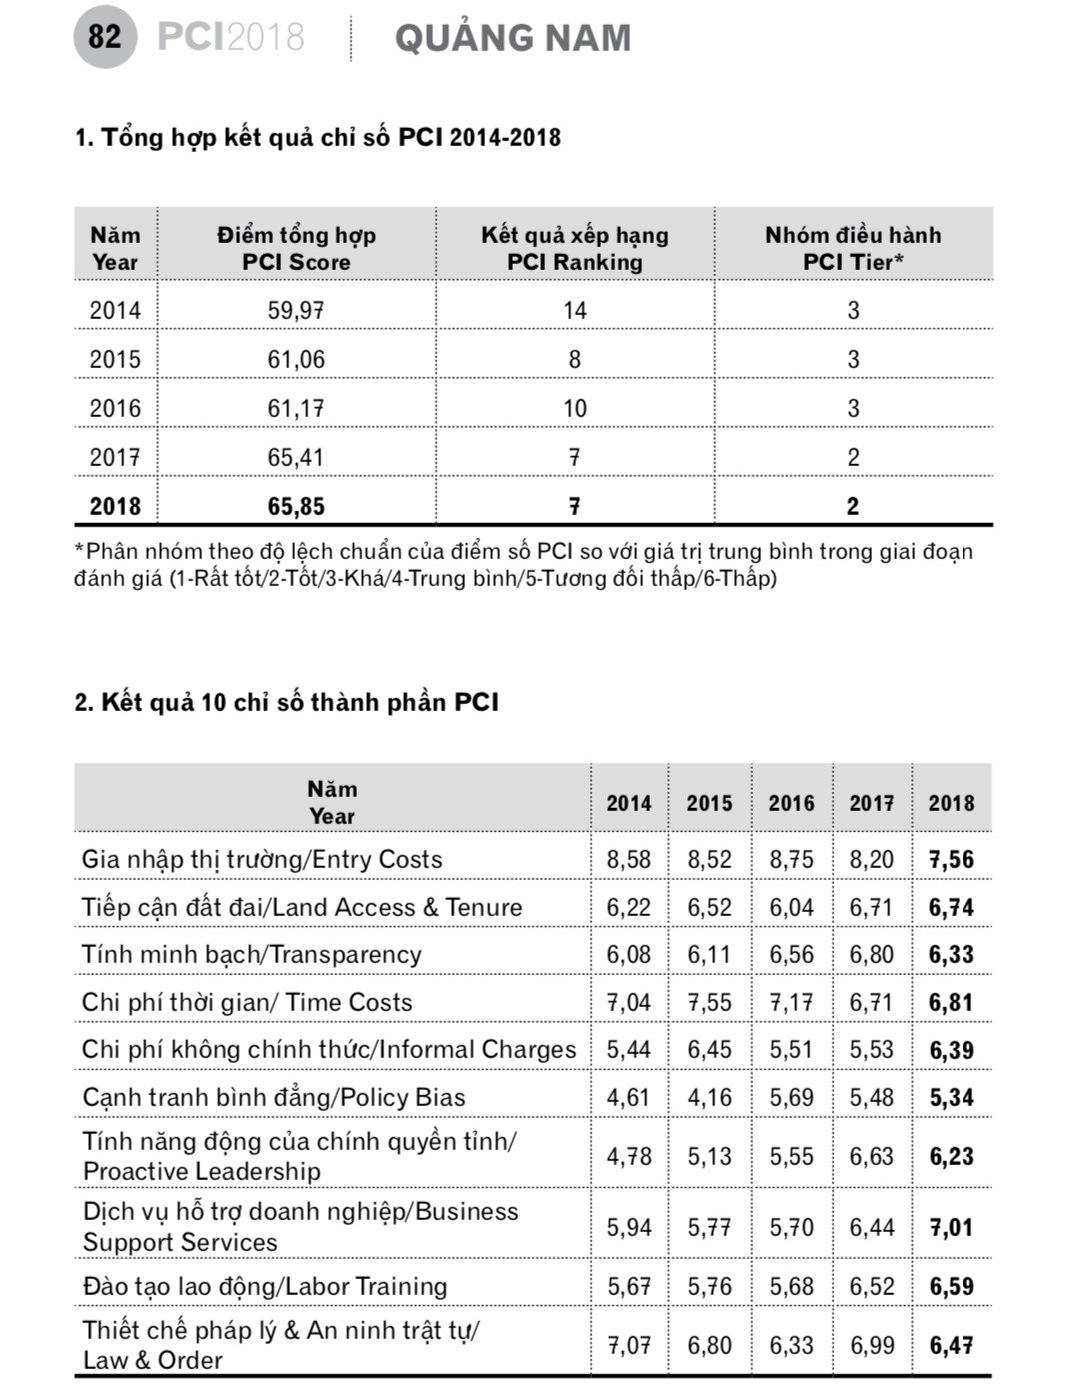 Các chỉ số thành phần PCI của Quảng Nam giai đoạn 2014 - 2018. Ảnh: Đ.K